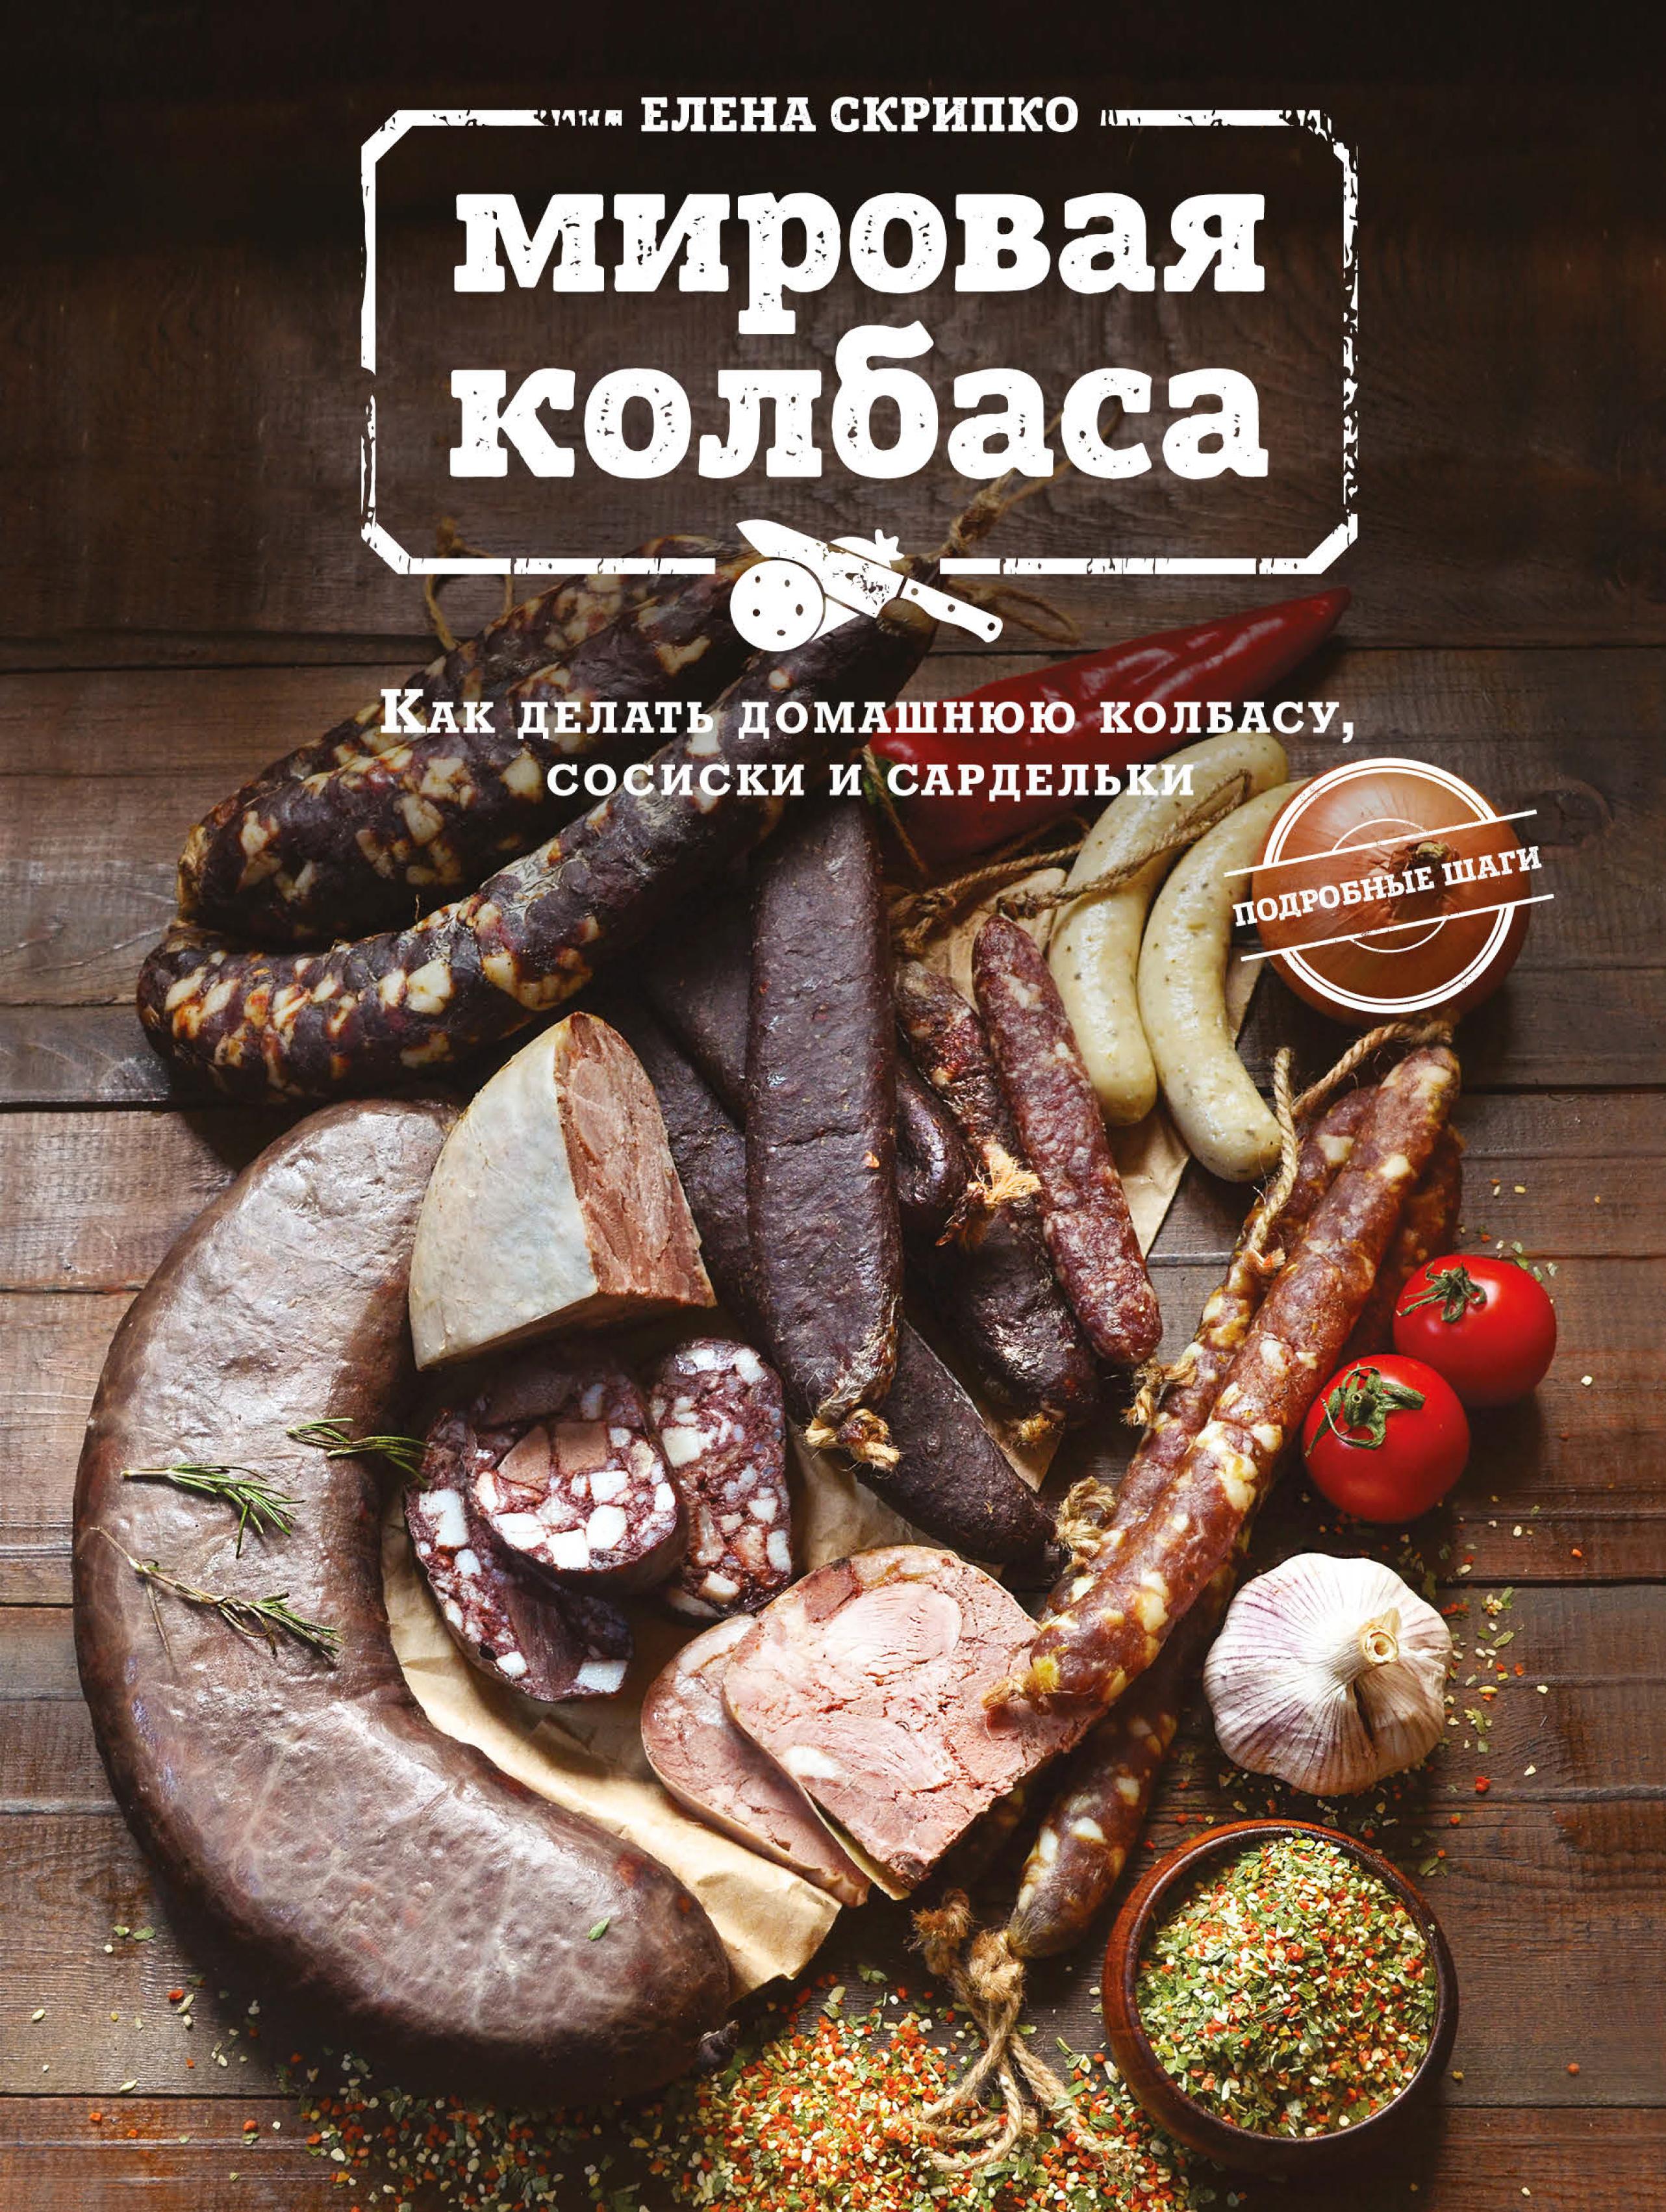 Мировая колбаса. Как делать домашнюю колбасу, сосиски и сардельки